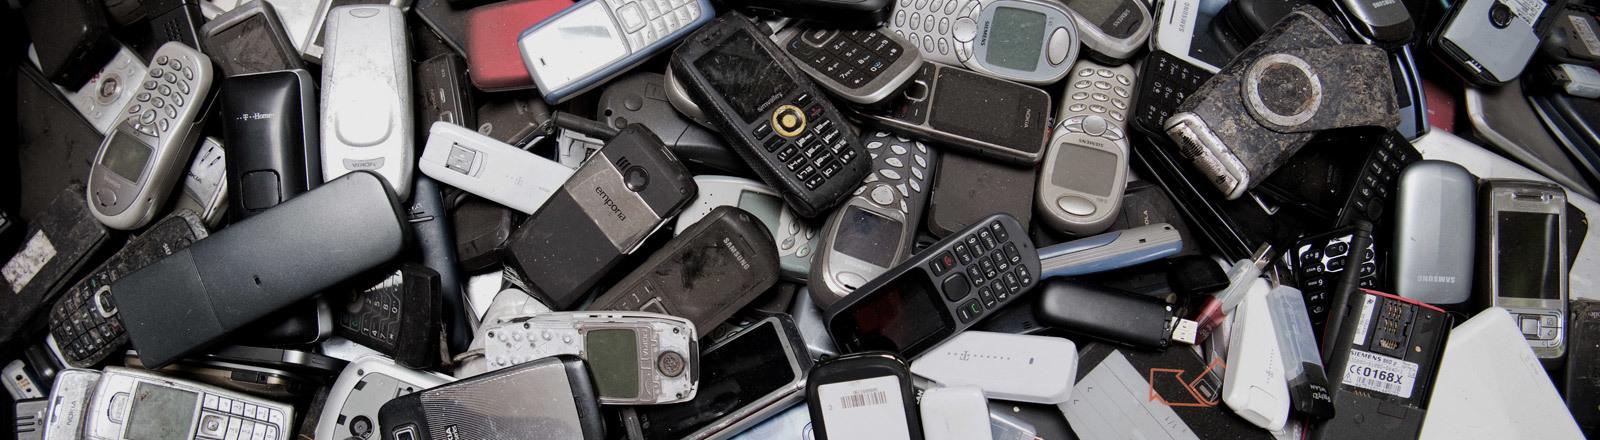 Alte Handys auf einem Haufen